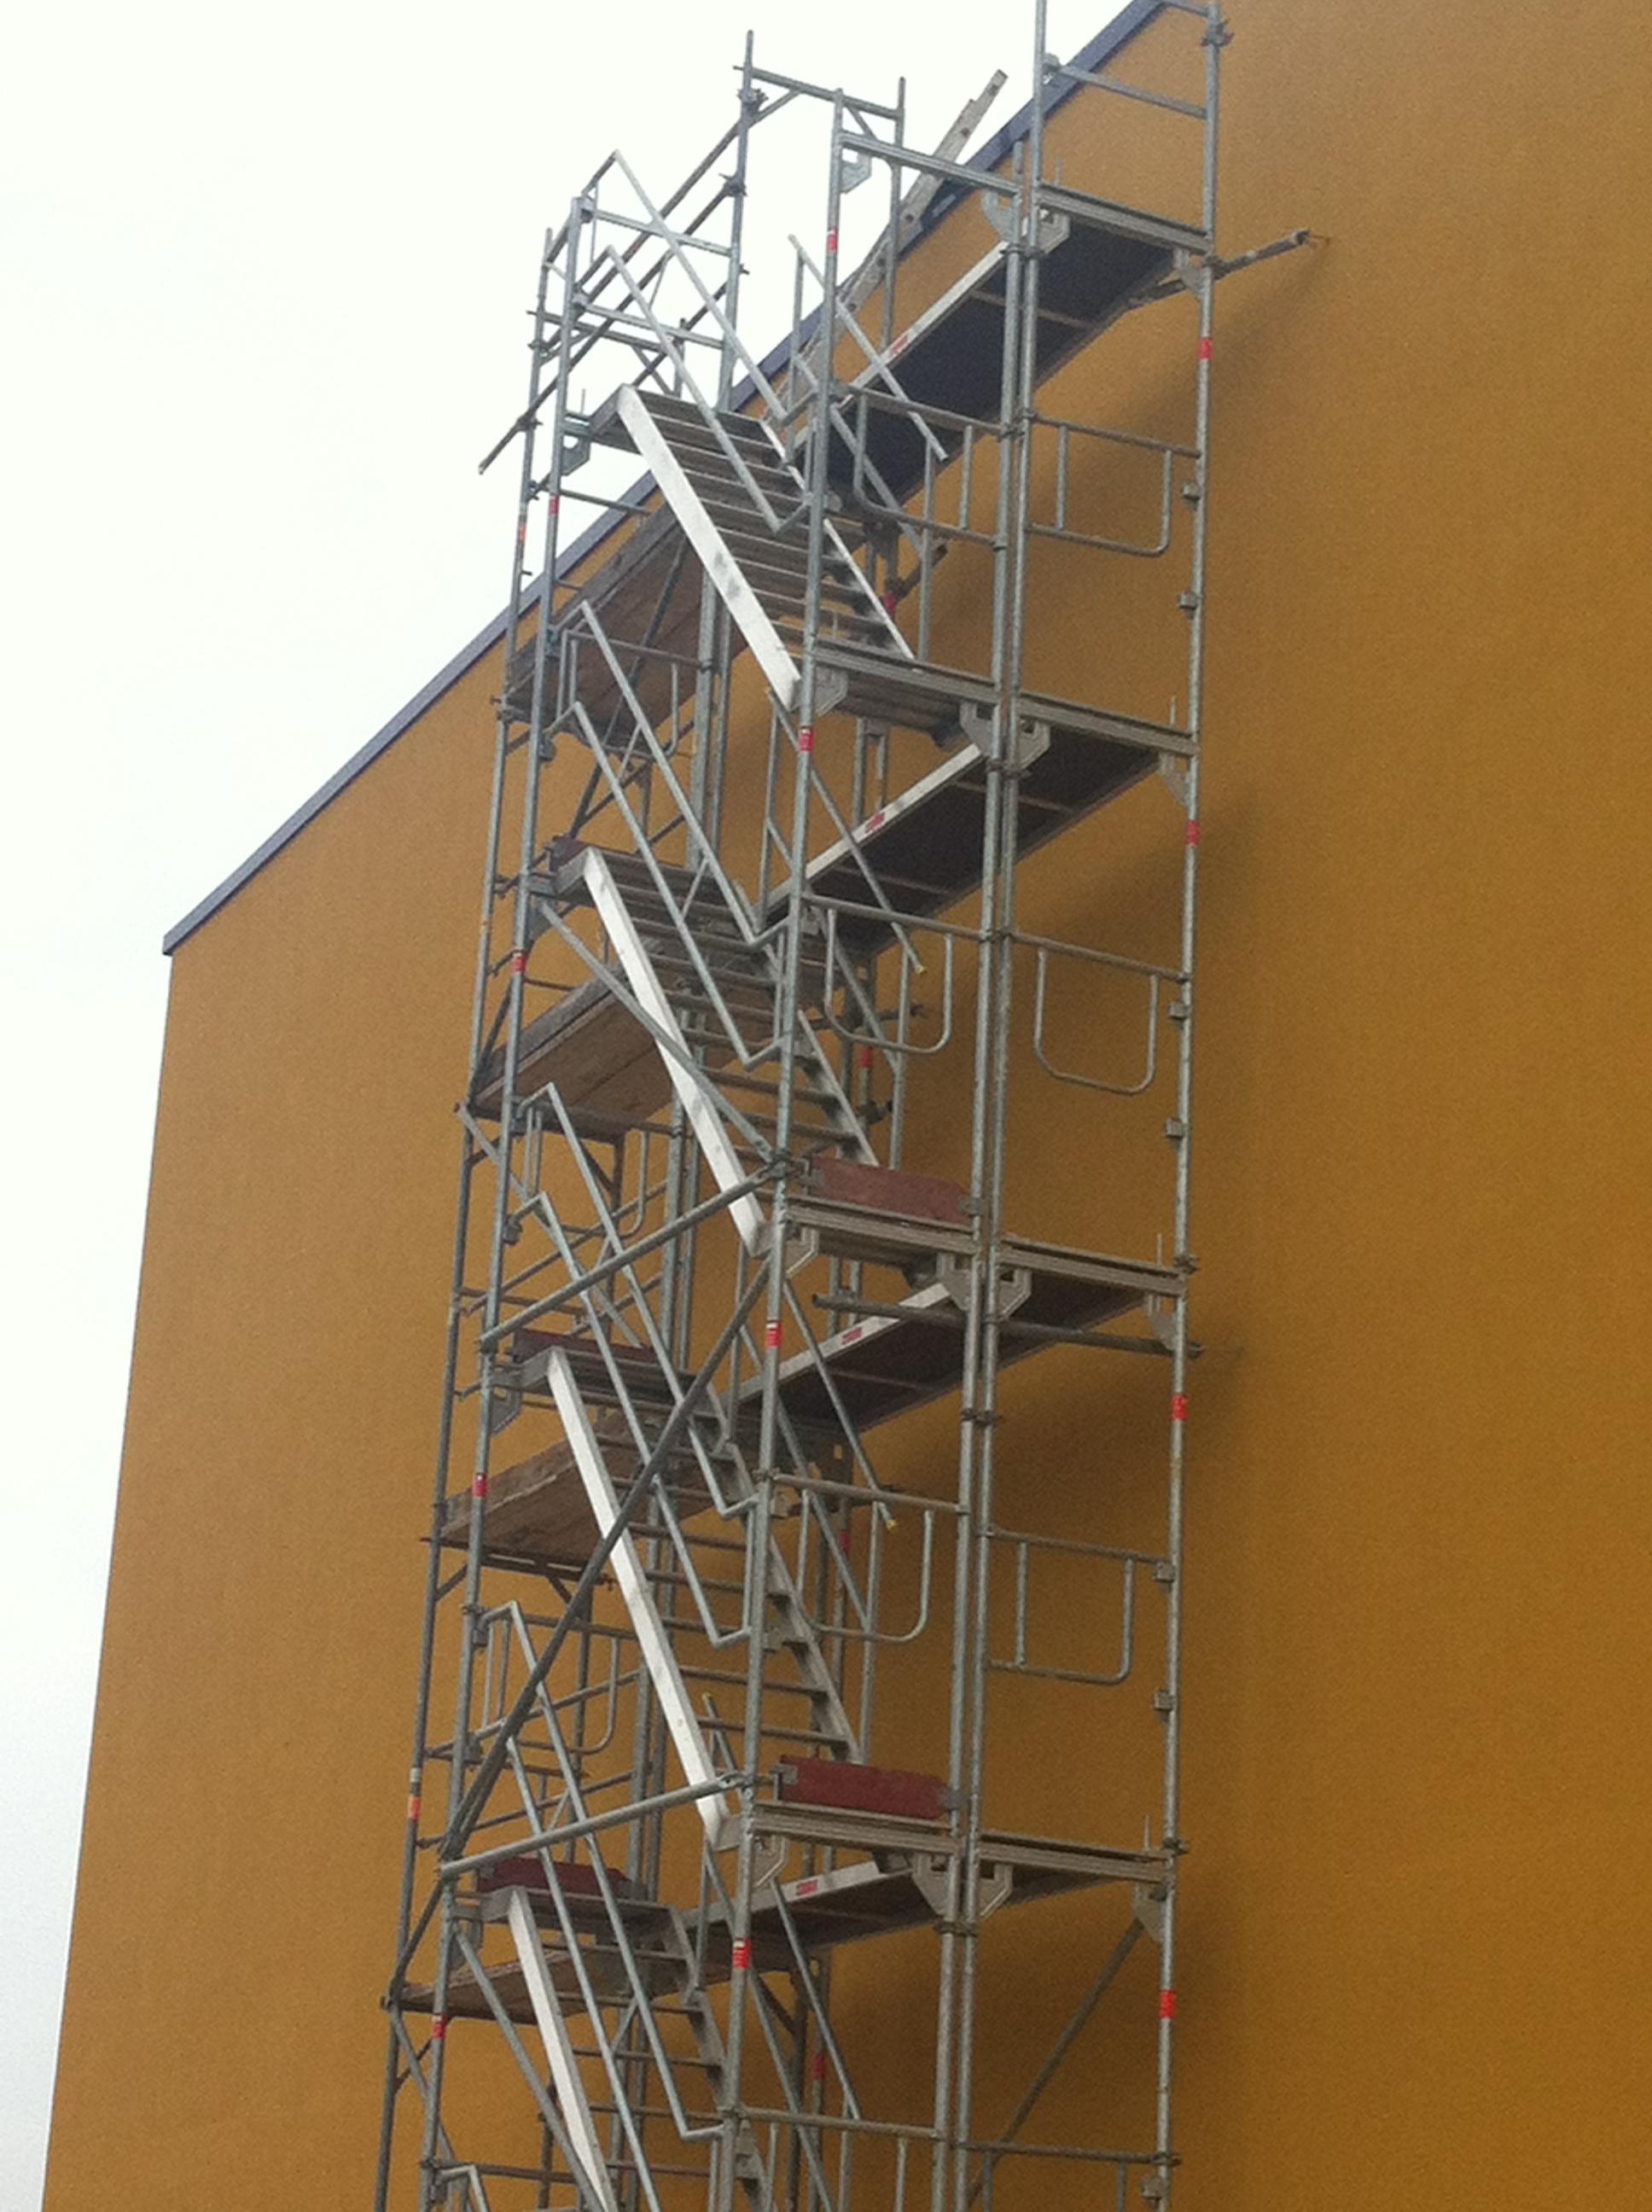 Treppenturm Treppengeruest in Duesseldorf und Bonn